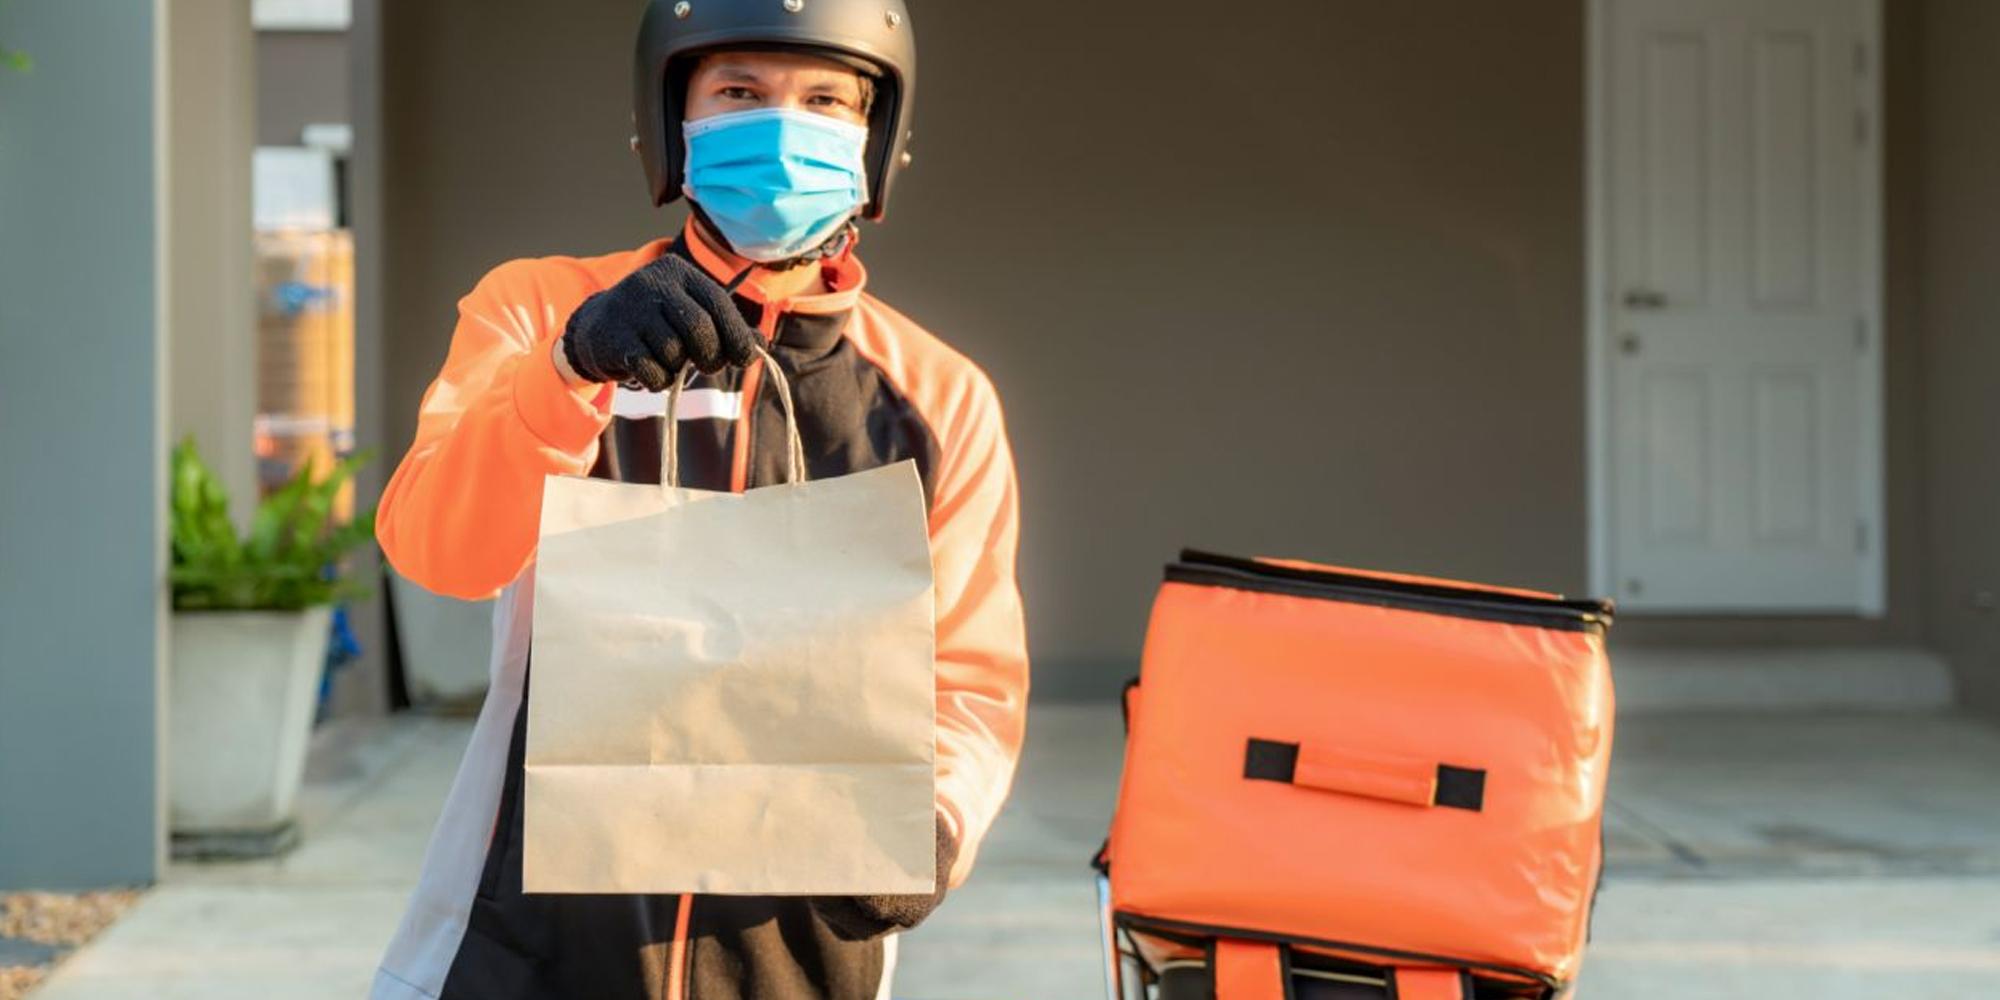 Descubre las respuestas a los mitos sobre el delivery